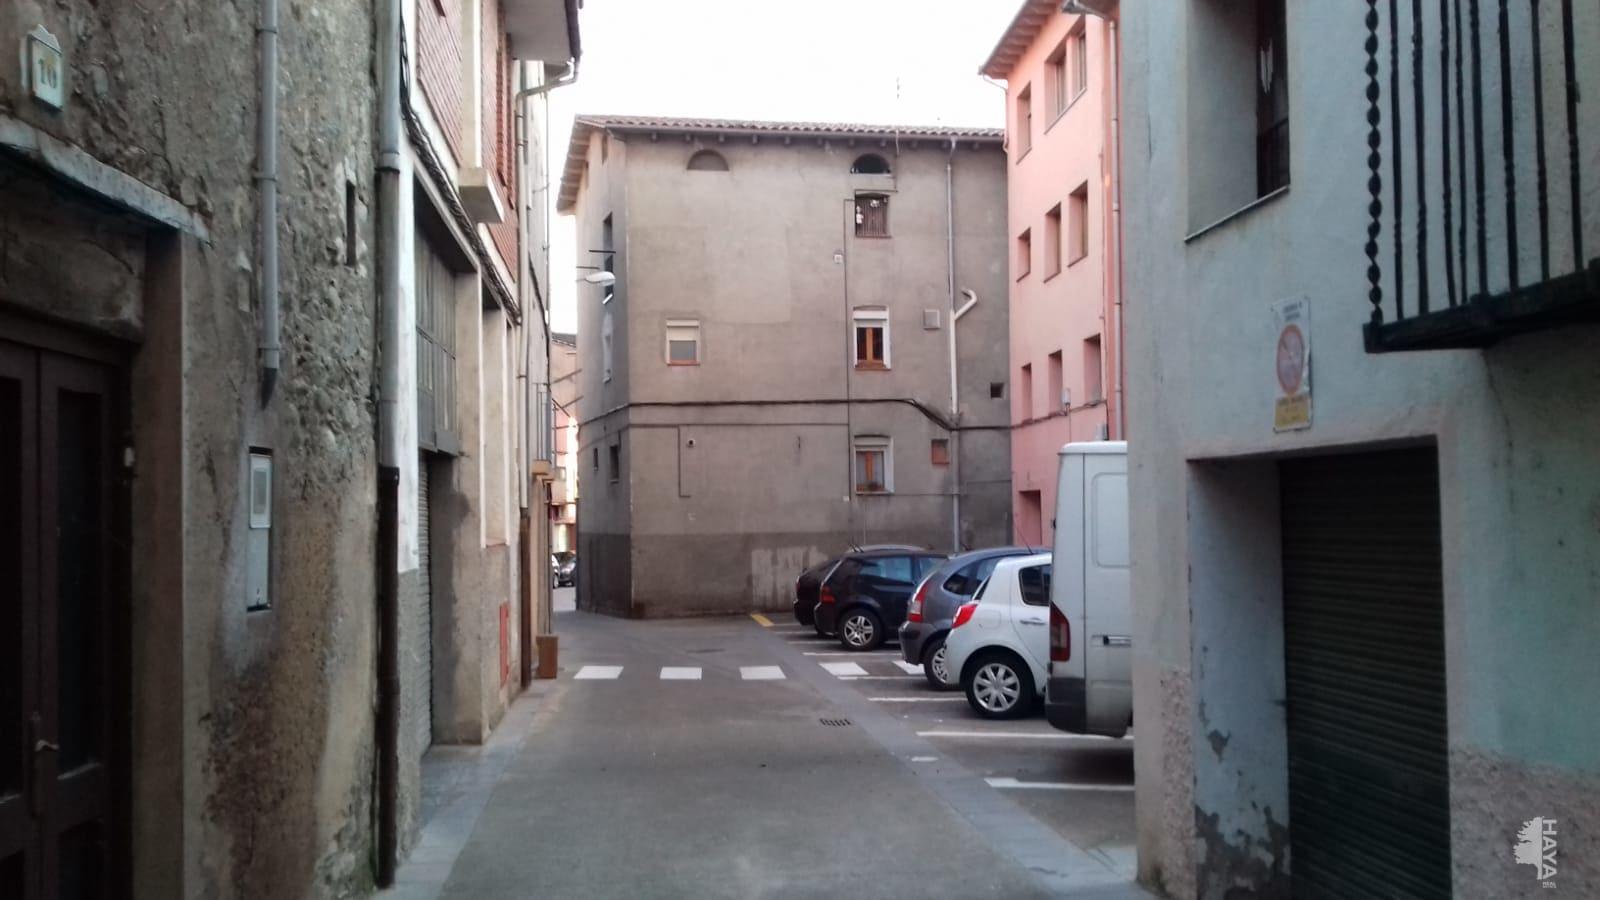 Casa en venta en Campdevànol, Girona, Calle Clavetaires, 56.900 €, 3 habitaciones, 1 baño, 176 m2